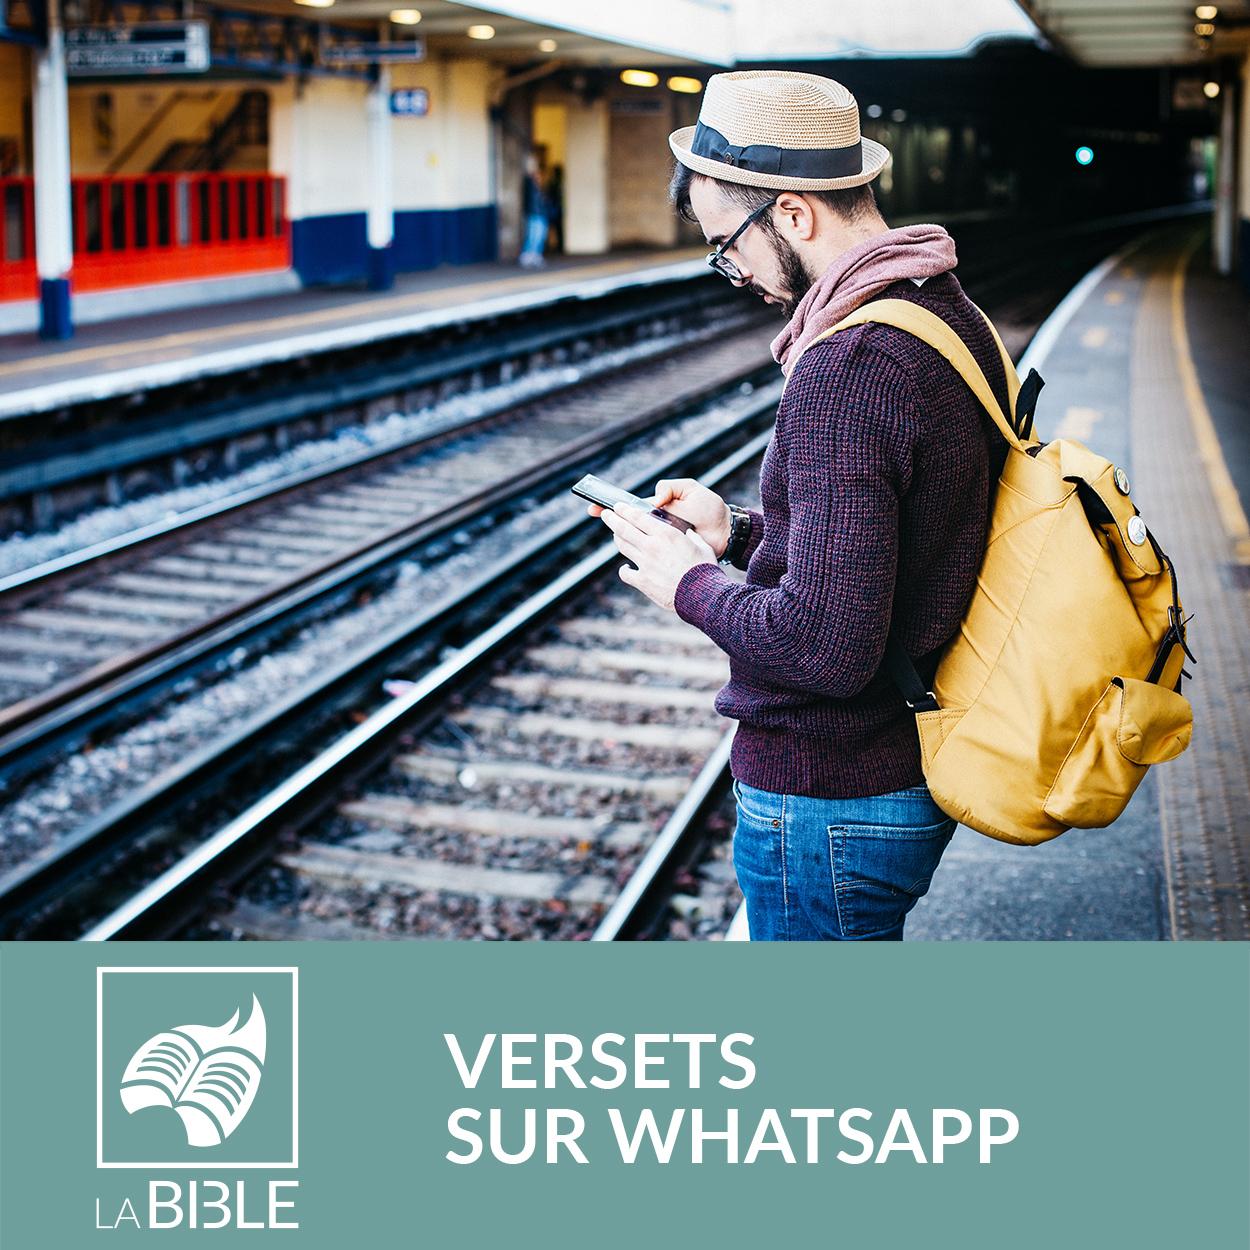 bibledigital_whatsapp.jpg